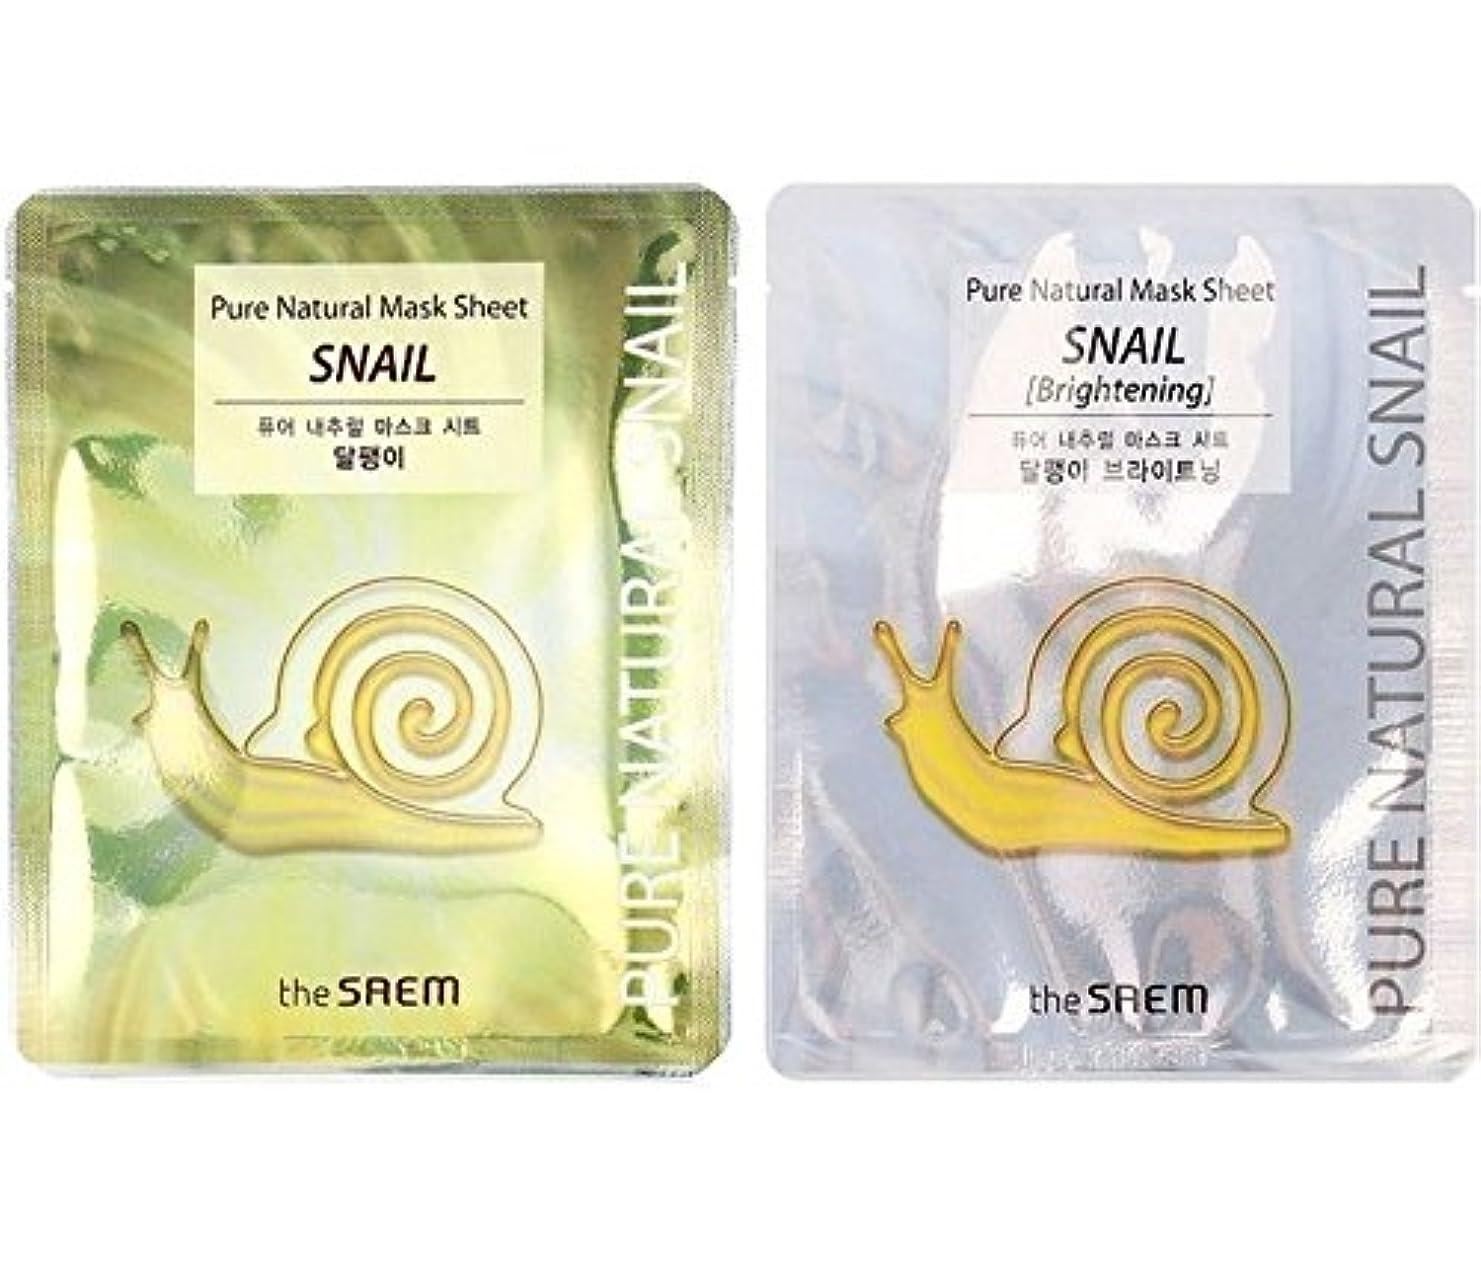 レギュラー新しい意味センサー(ザセム) The Saem 韓国マスクパックカタツムリ20枚セット(10+10) ピュアナチュラルマスクシートスネイルブライトニング Pure Natural Mask Sheet Snail Brightening...